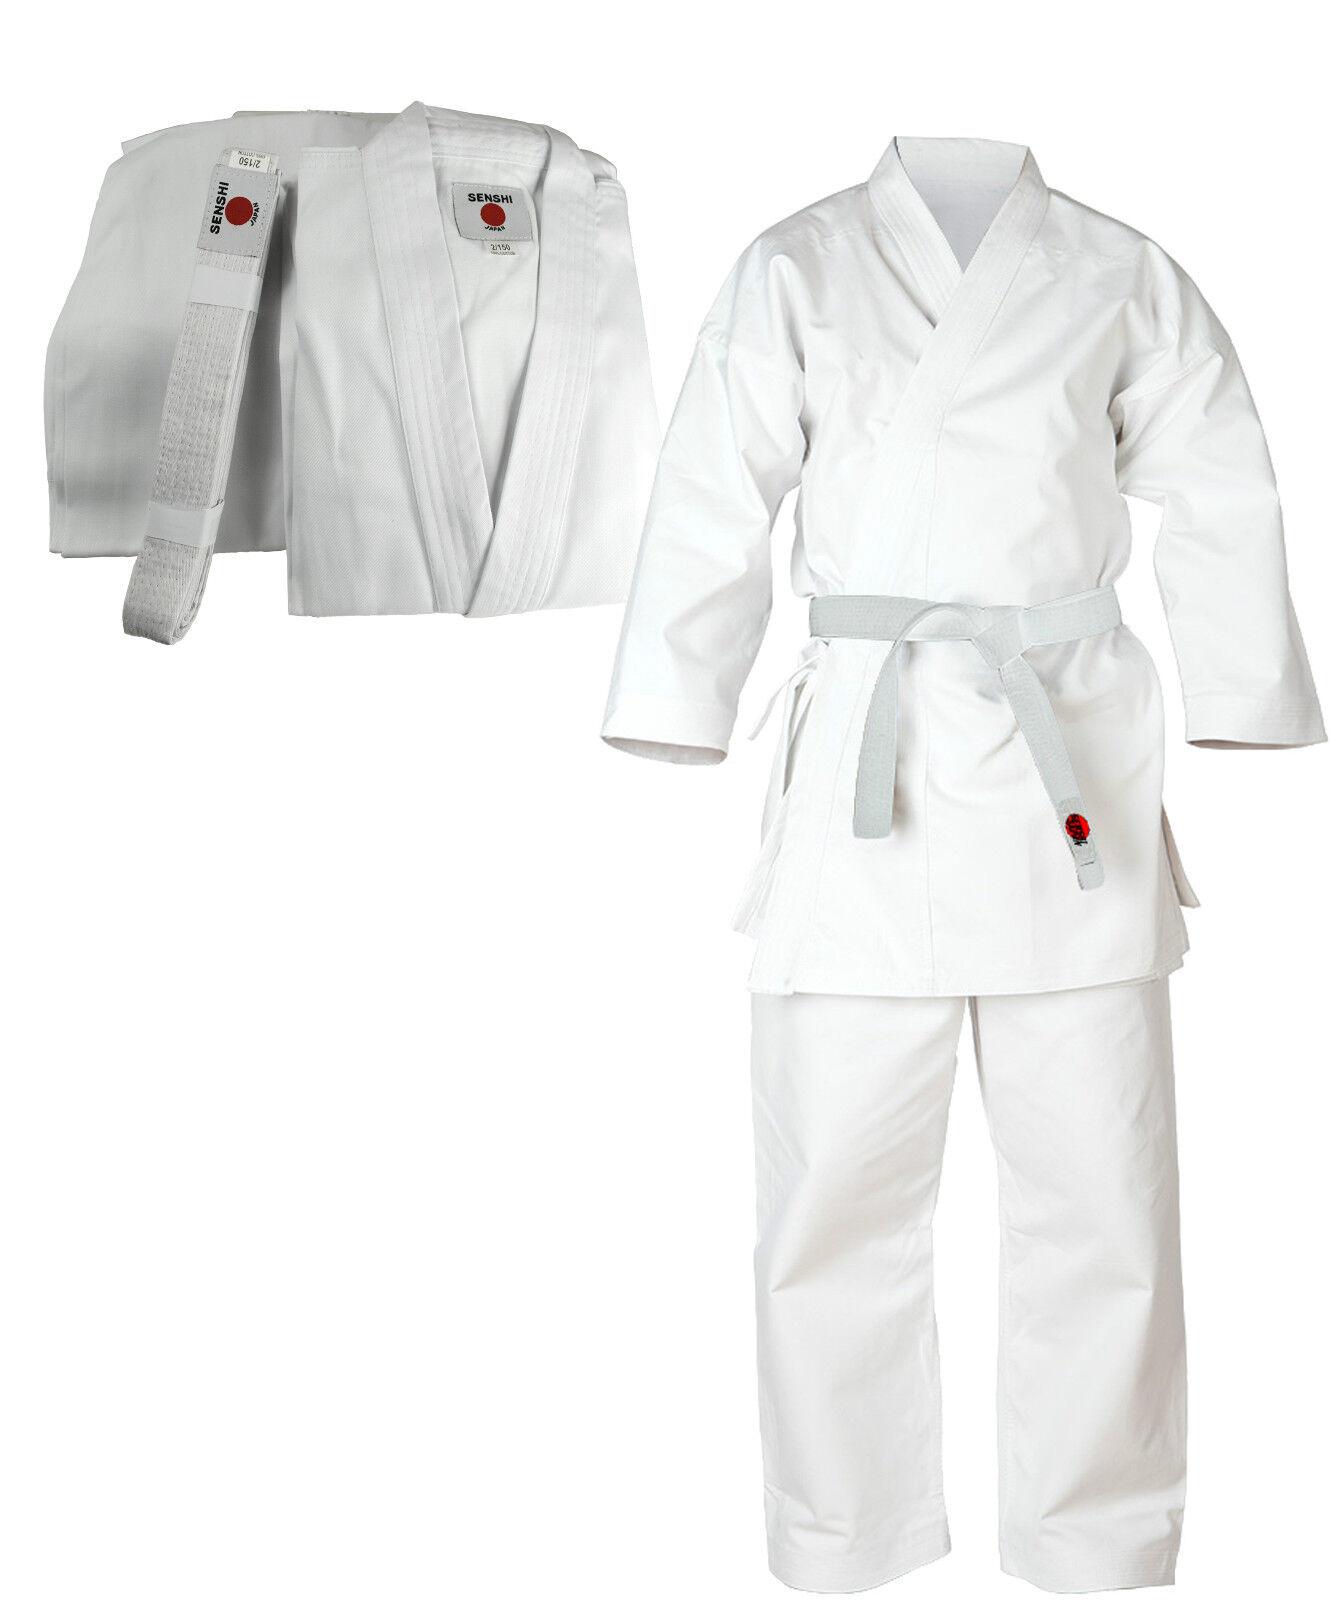 Senshi Japan Baumwolle Kostüm Karate-anzug Kampfsport Kostüm Baumwolle Aikido Student Weiß Gi d694a0